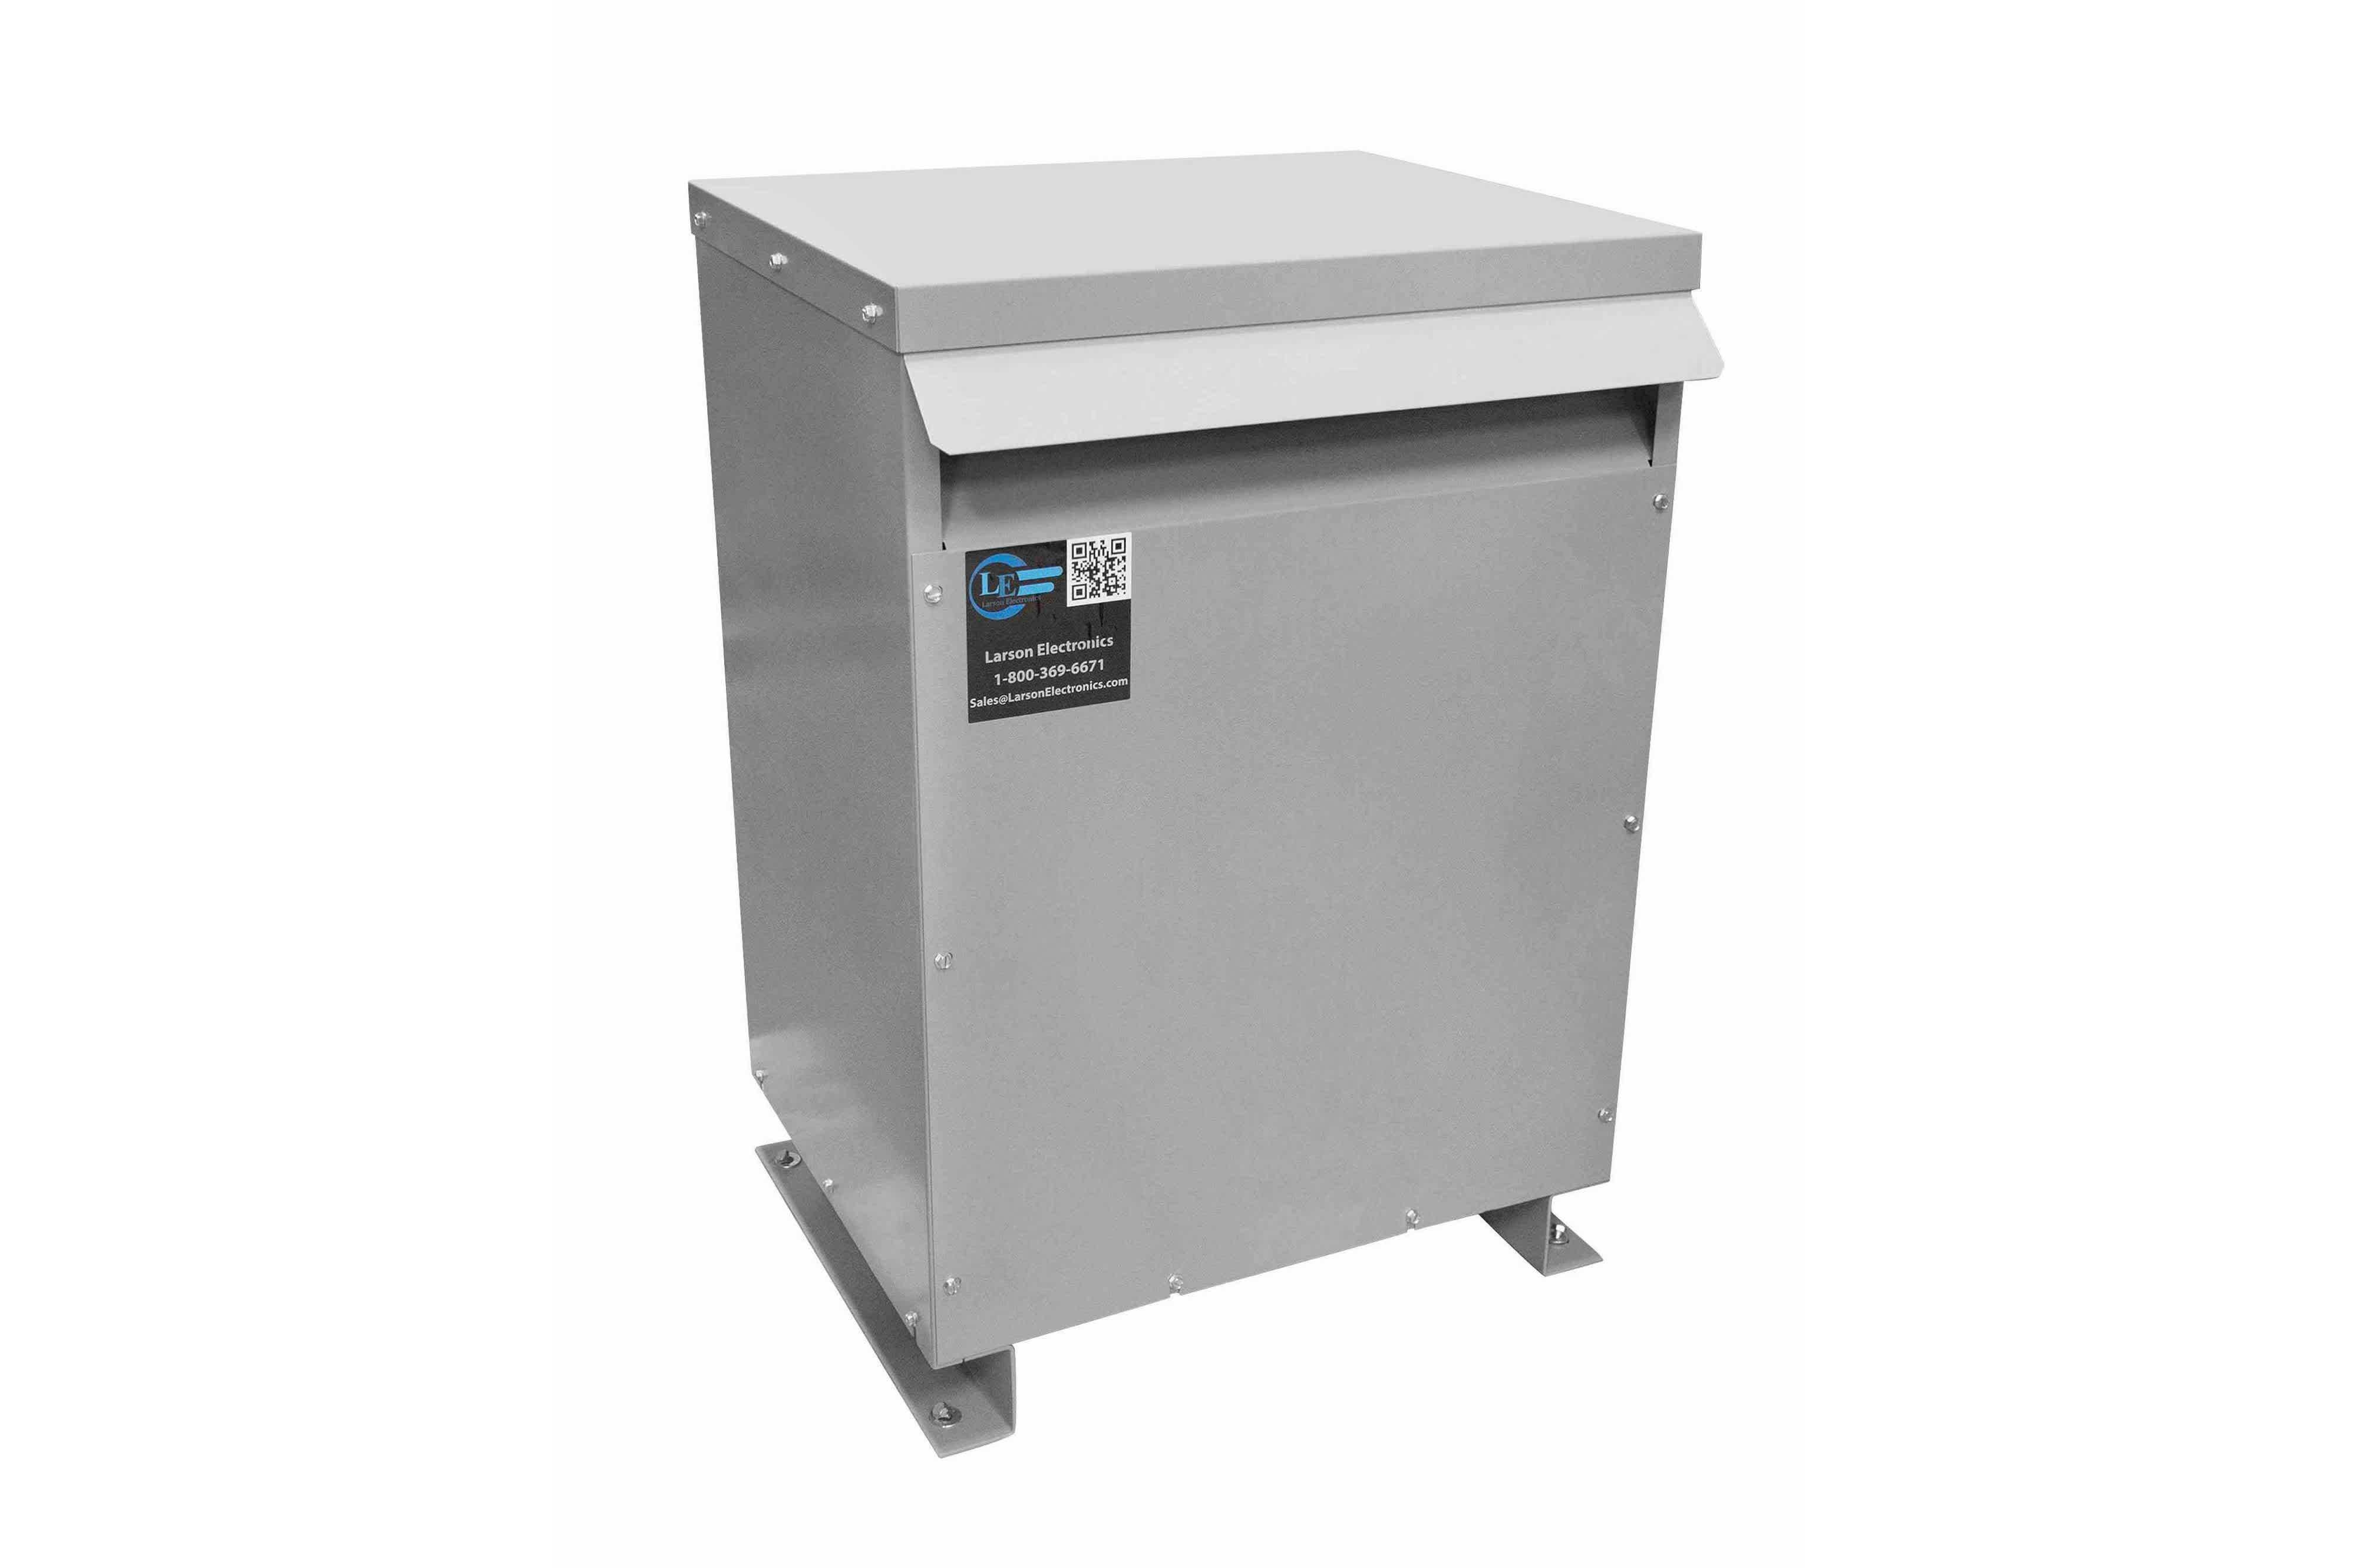 70 kVA 3PH Isolation Transformer, 480V Delta Primary, 380V Delta Secondary, N3R, Ventilated, 60 Hz